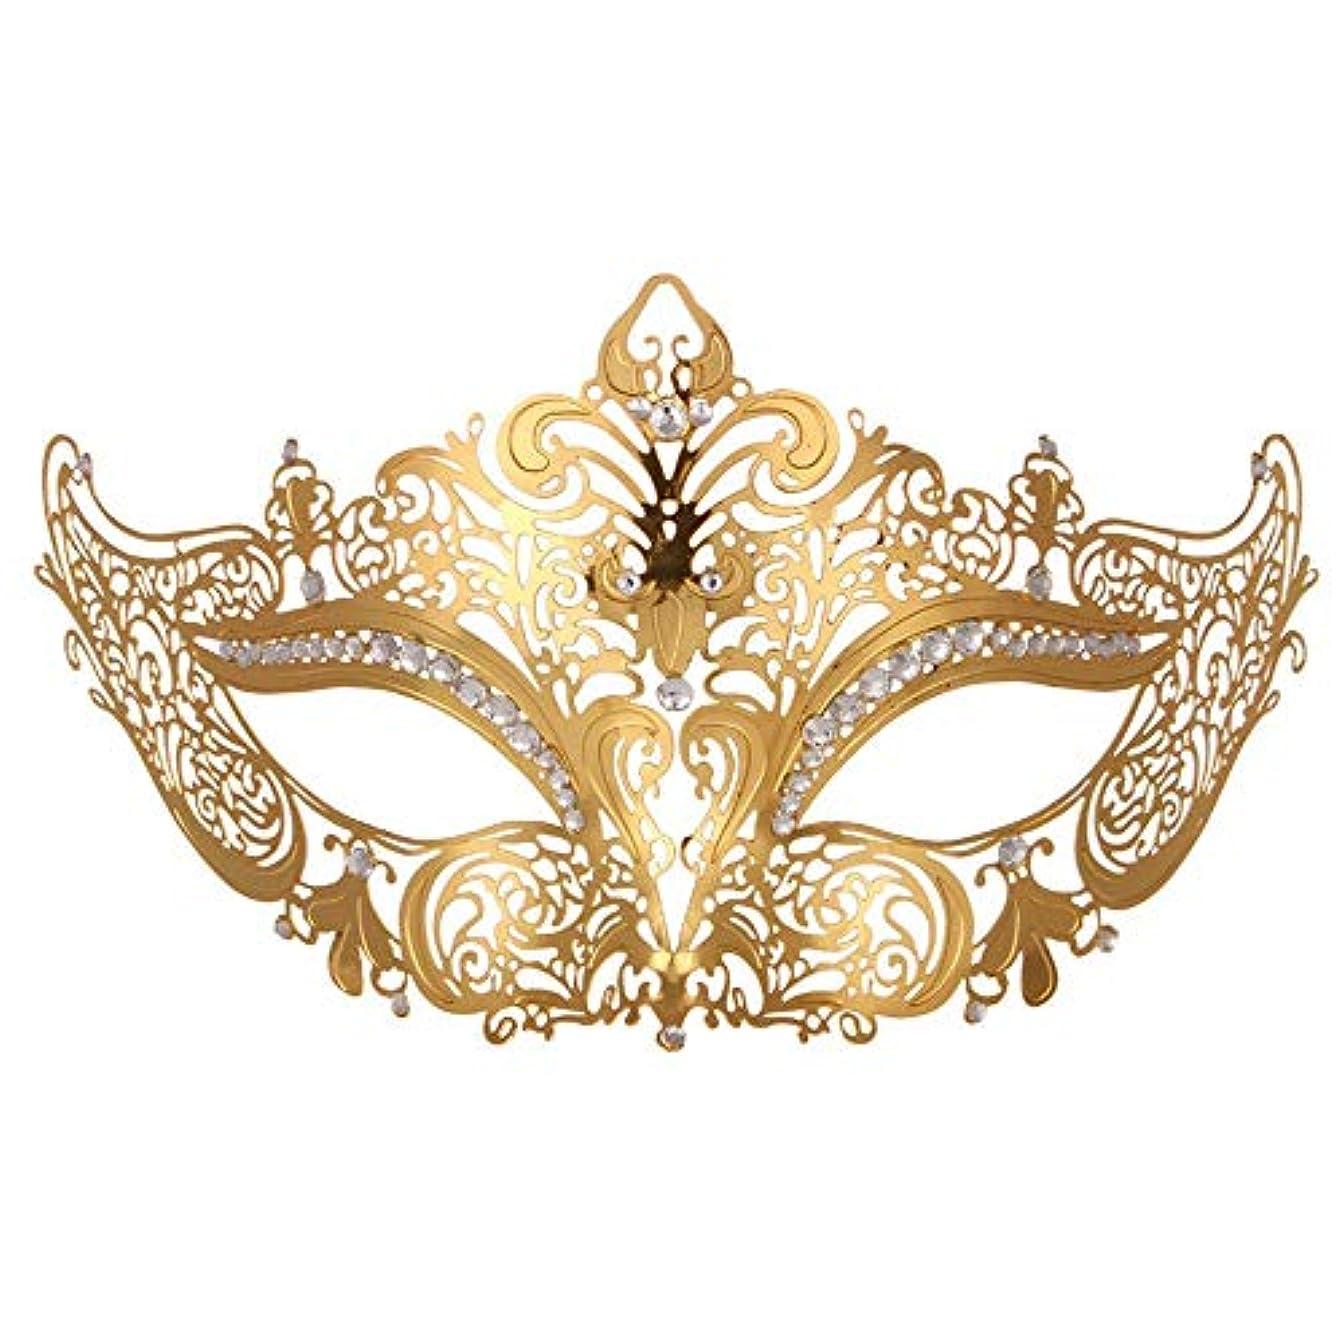 リングバック周囲ドローダンスマスク 高級金メッキ銀マスク仮装小道具ロールプレイングナイトクラブパーティーマスク ホリデーパーティー用品 (色 : ゴールド, サイズ : Universal)